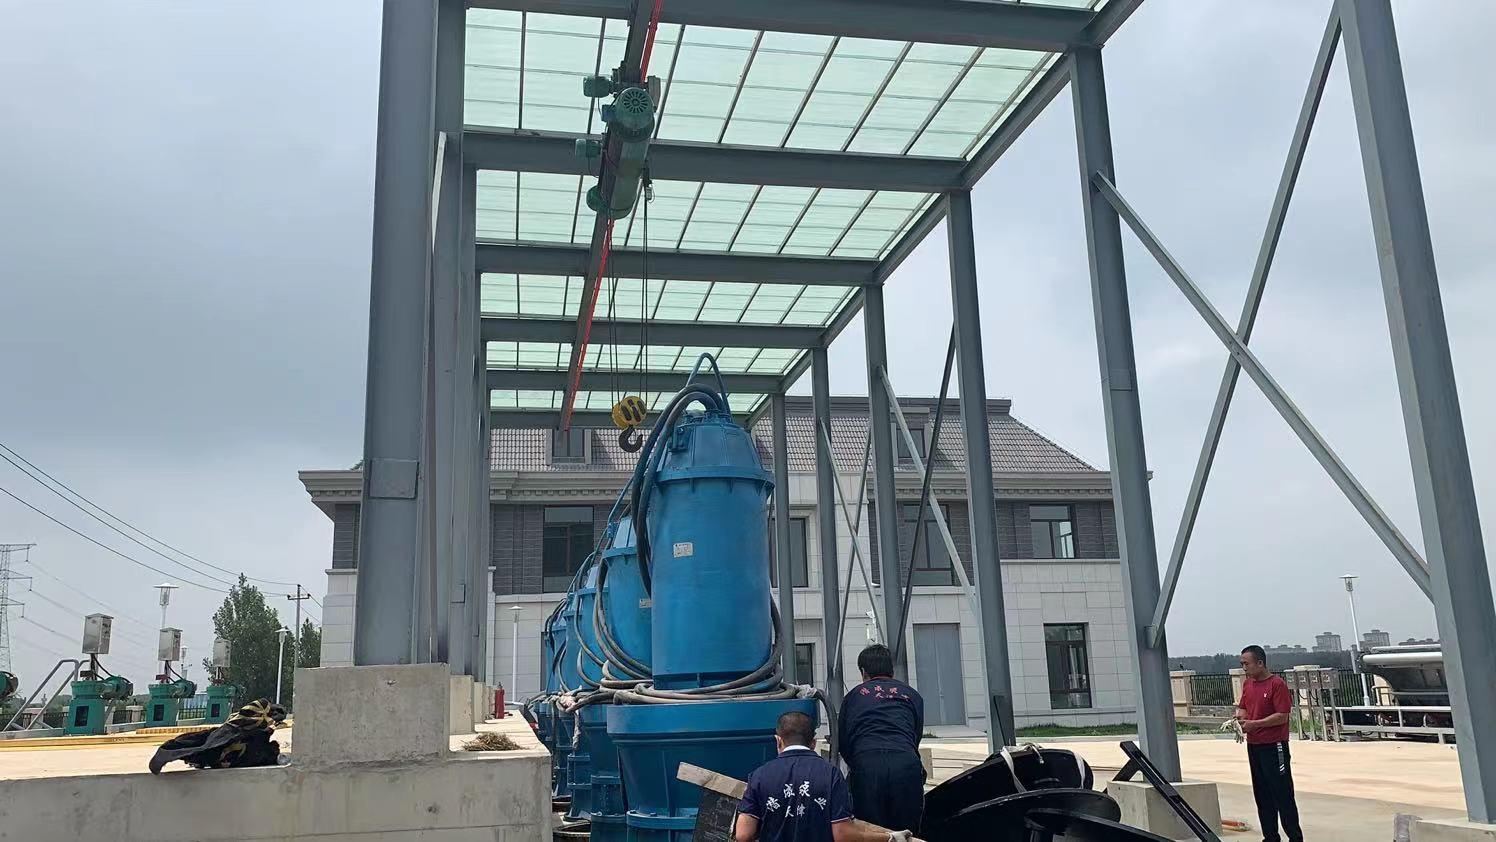 天津幸福河泵站280千瓦潜水轴流泵安装现场第2张-潜水电机-潜水电泵-高压潜水电机-天津潜成泵业